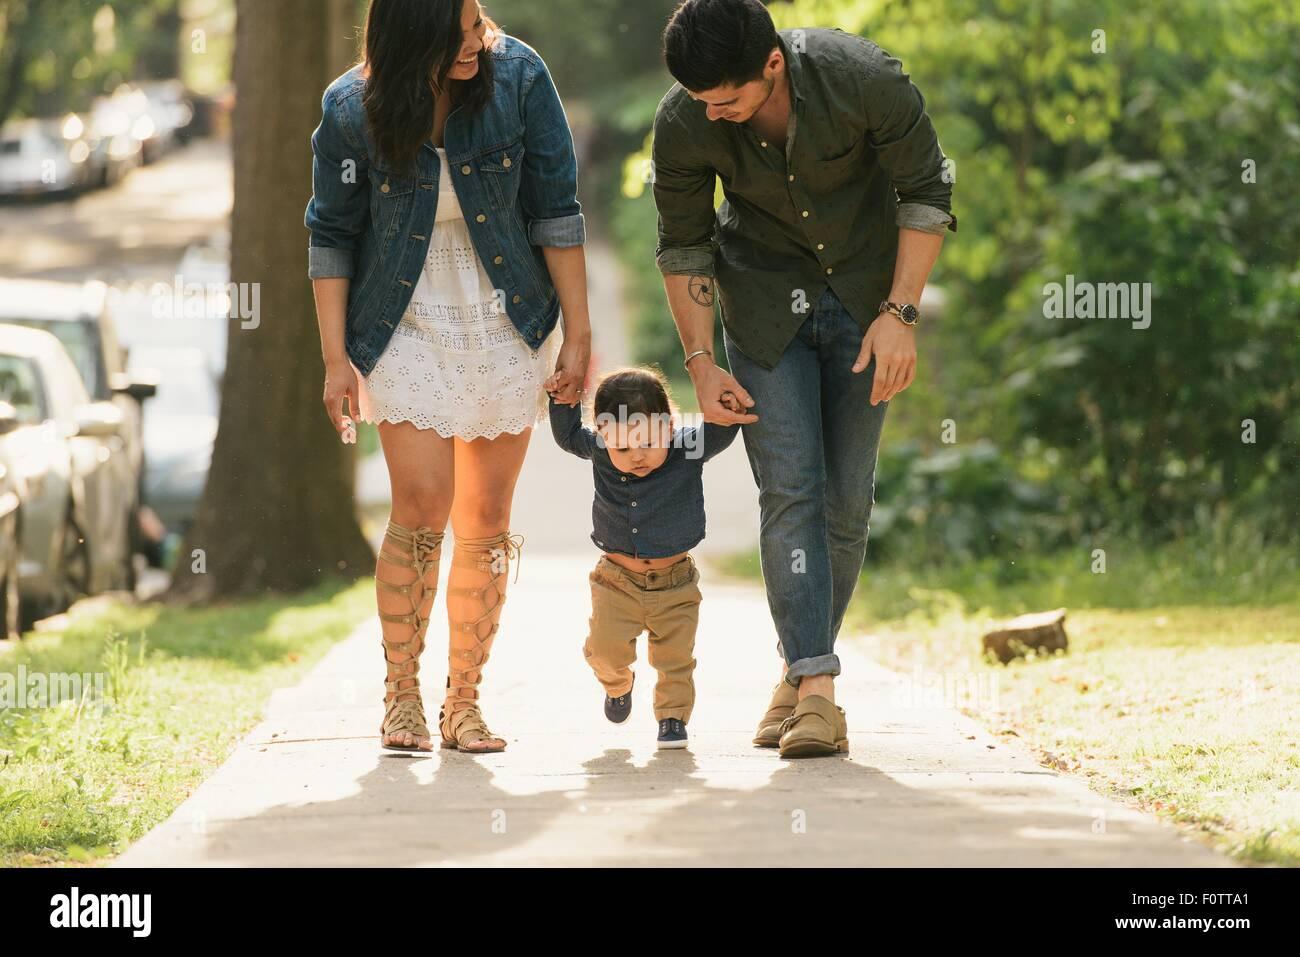 Vista del ángulo frontal de la madre y el padre sosteniendo bebés varones manos mientras camina Imagen De Stock